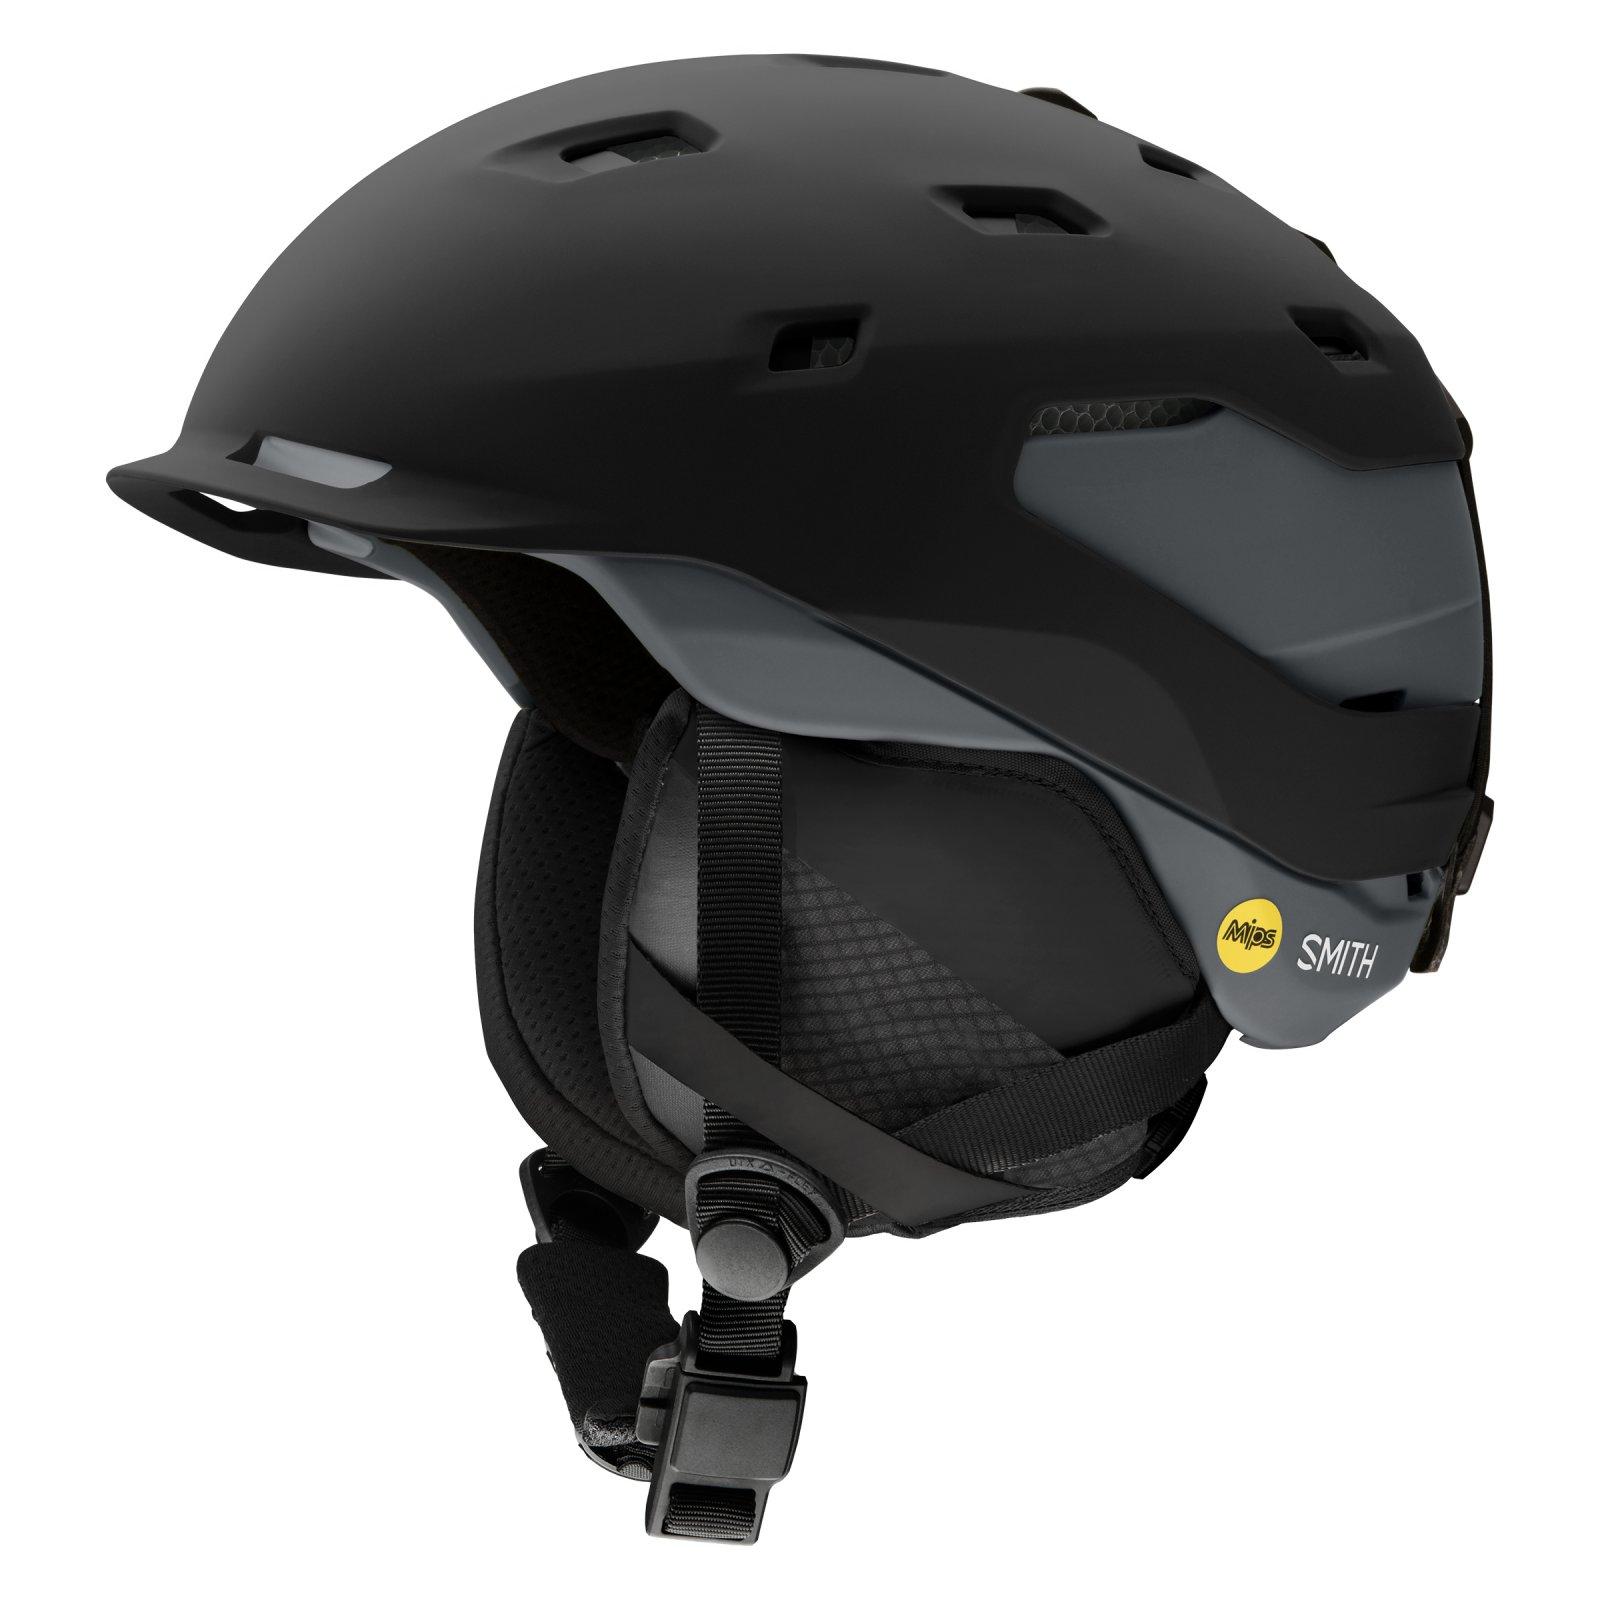 2021 Smith Quantum MIPS Helmet